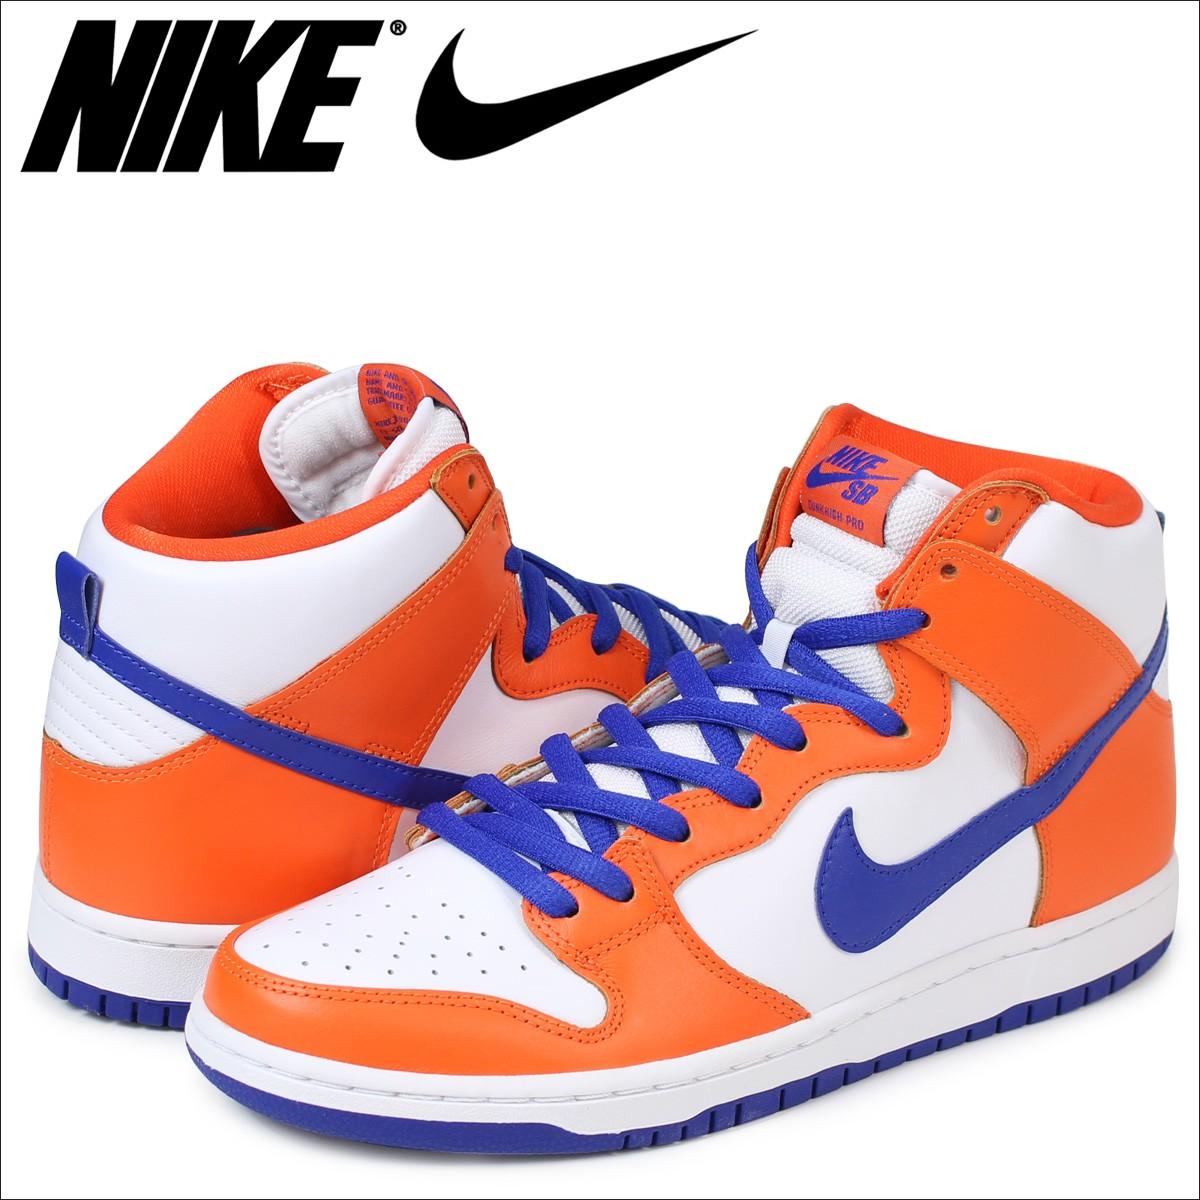 ナイキ NIKE SB ダンク ハイ スニーカー DUNK HIGH TRD QS AH0471-841 DANNY SUPA メンズ 靴 オレンジ [12/6 新入荷]